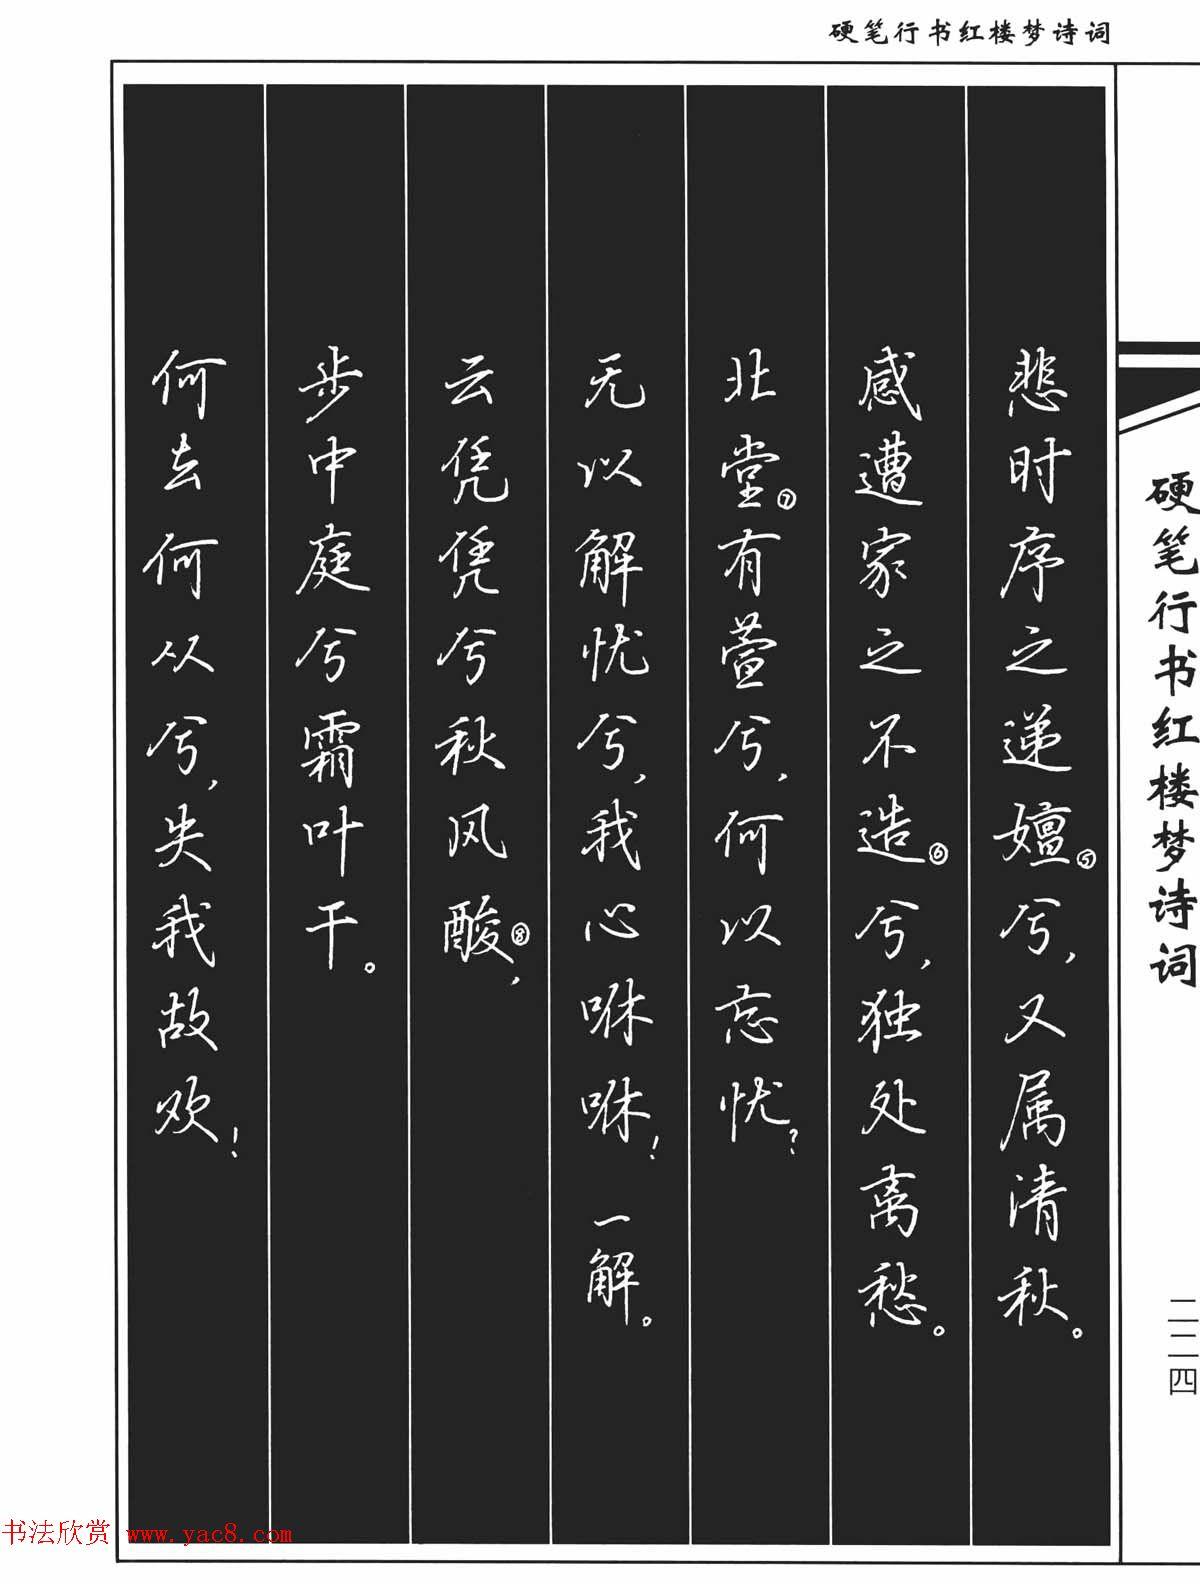 吴玉生硬笔行书书法-吴玉生硬笔行楷字帖_吴玉生硬笔